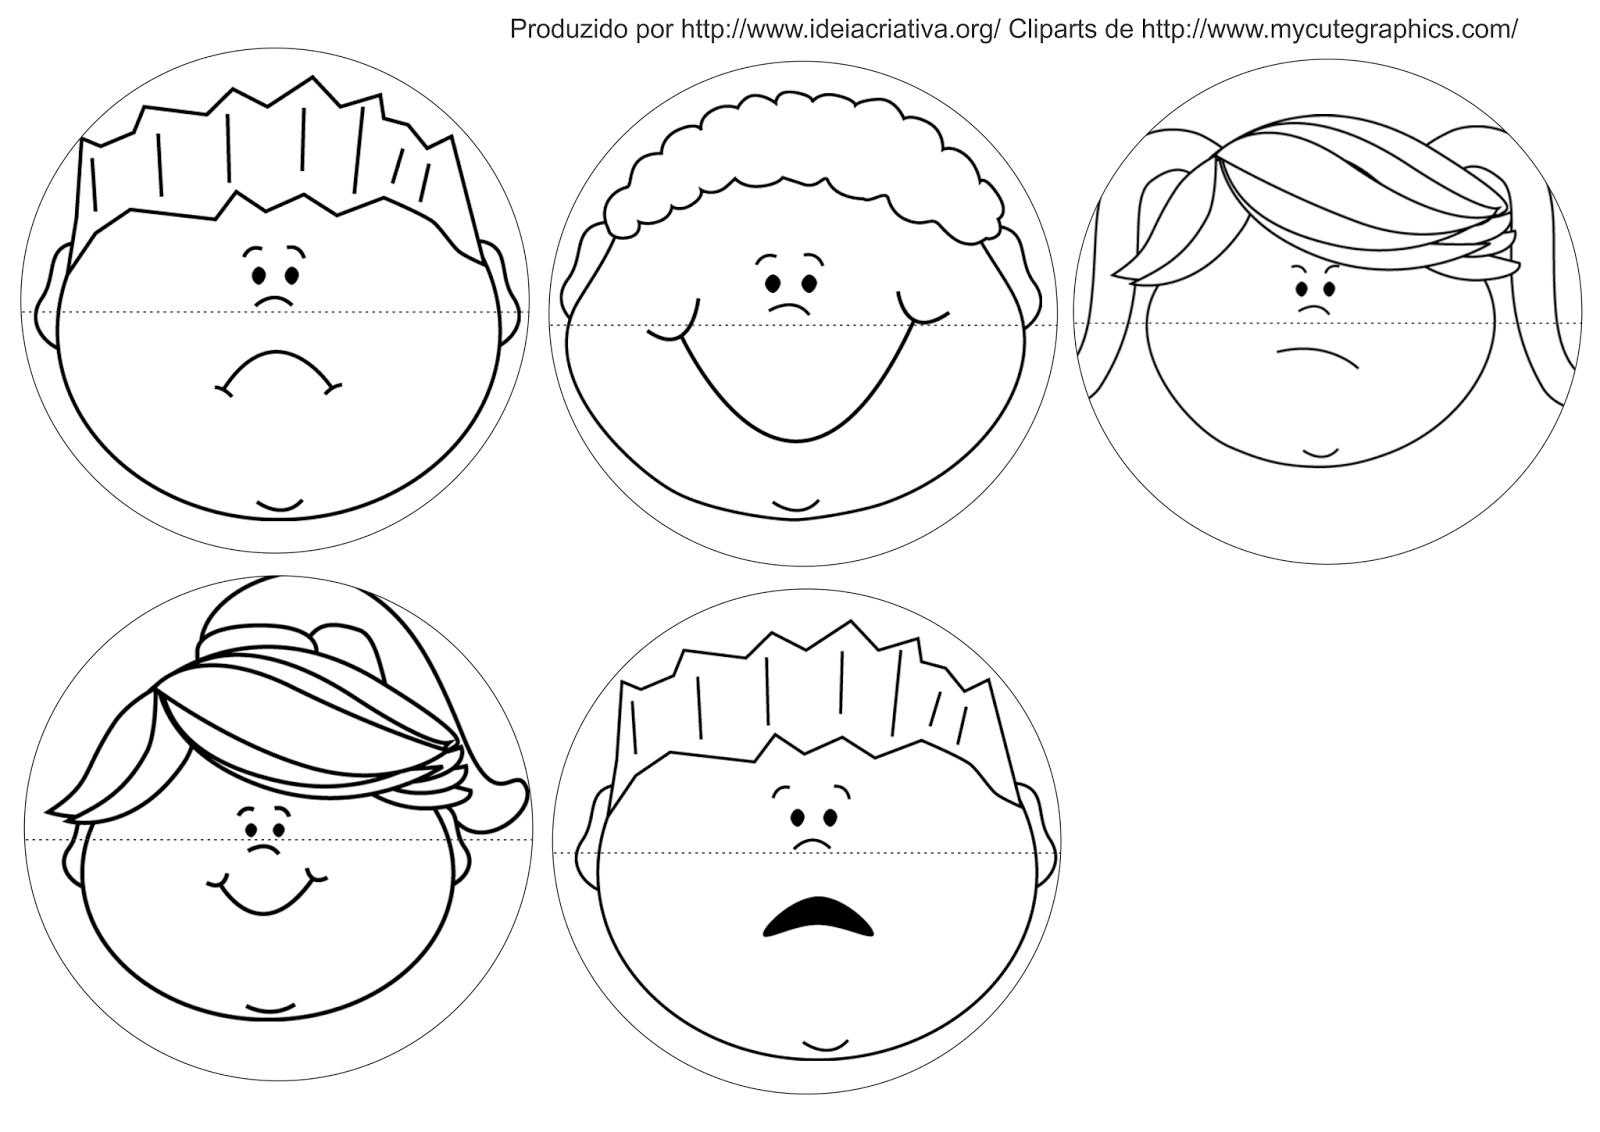 Jogo Pedagogico Trabalhando Expressoes E Sentimentos Sentimentos